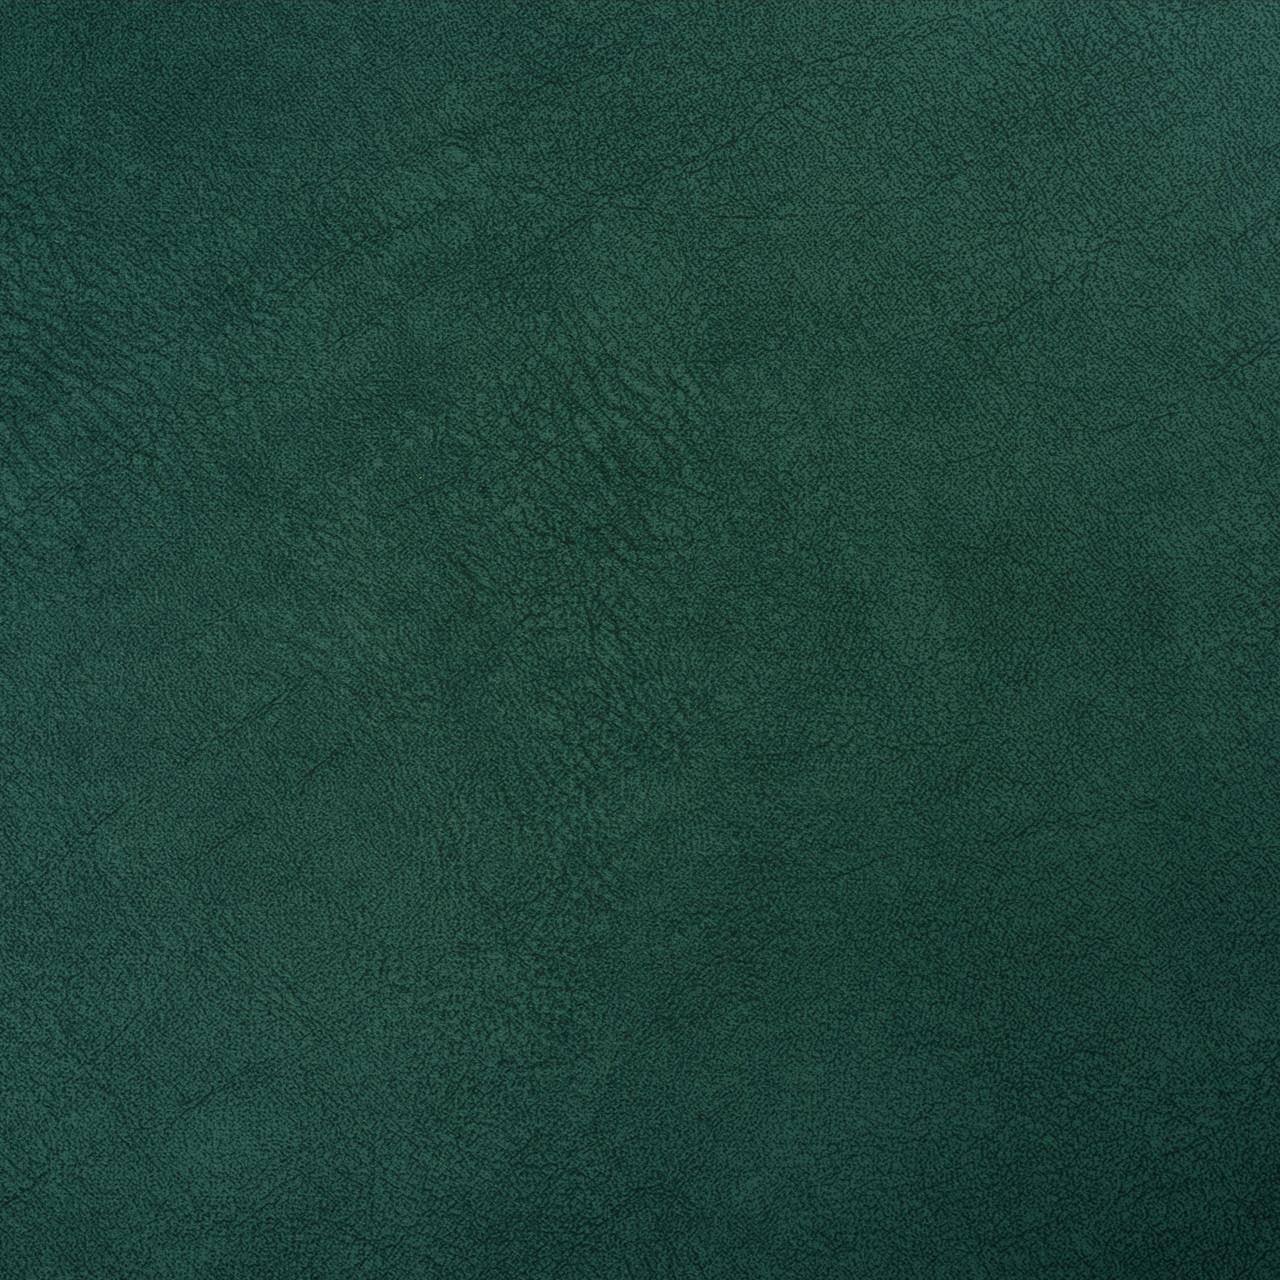 Велюр Крокус, цвет: зеленый